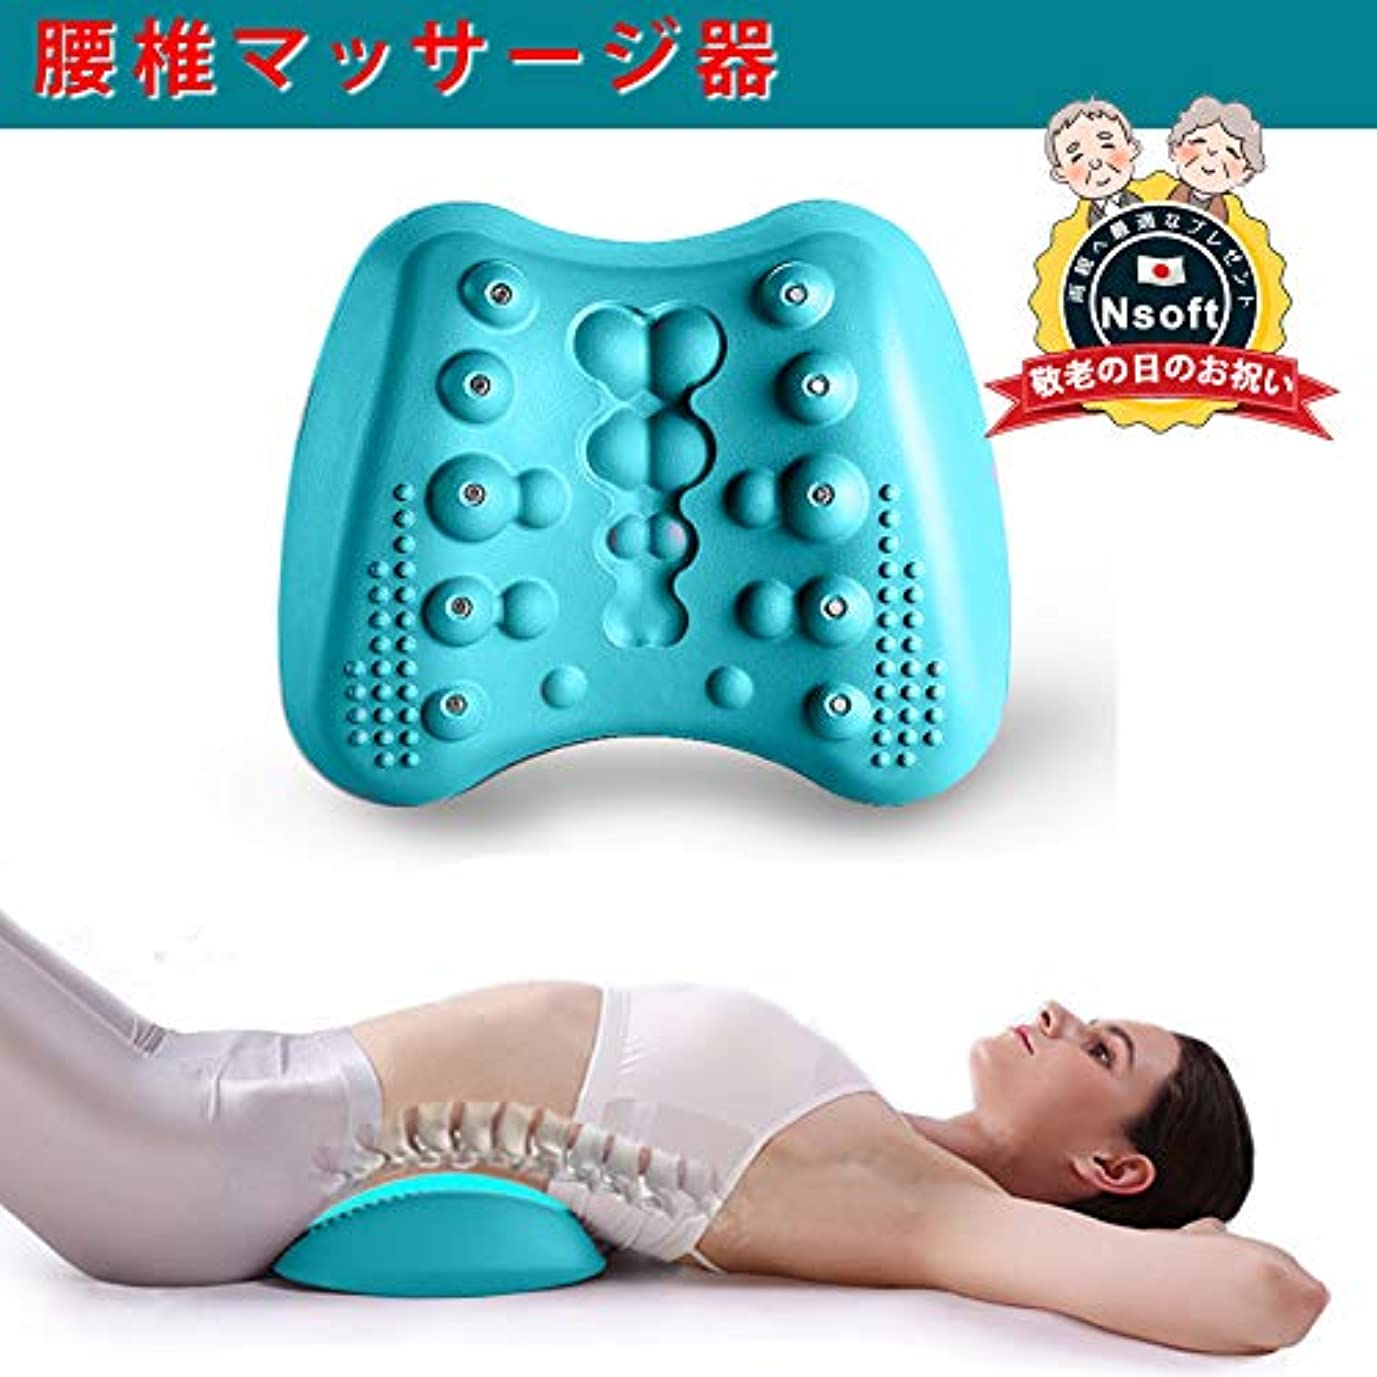 貫通する唇腰椎矯正器 腰マッサージ器 脊椎牽引器 腰部パッド マグネット指圧 疲労を和らげる 腰痛を和らげる